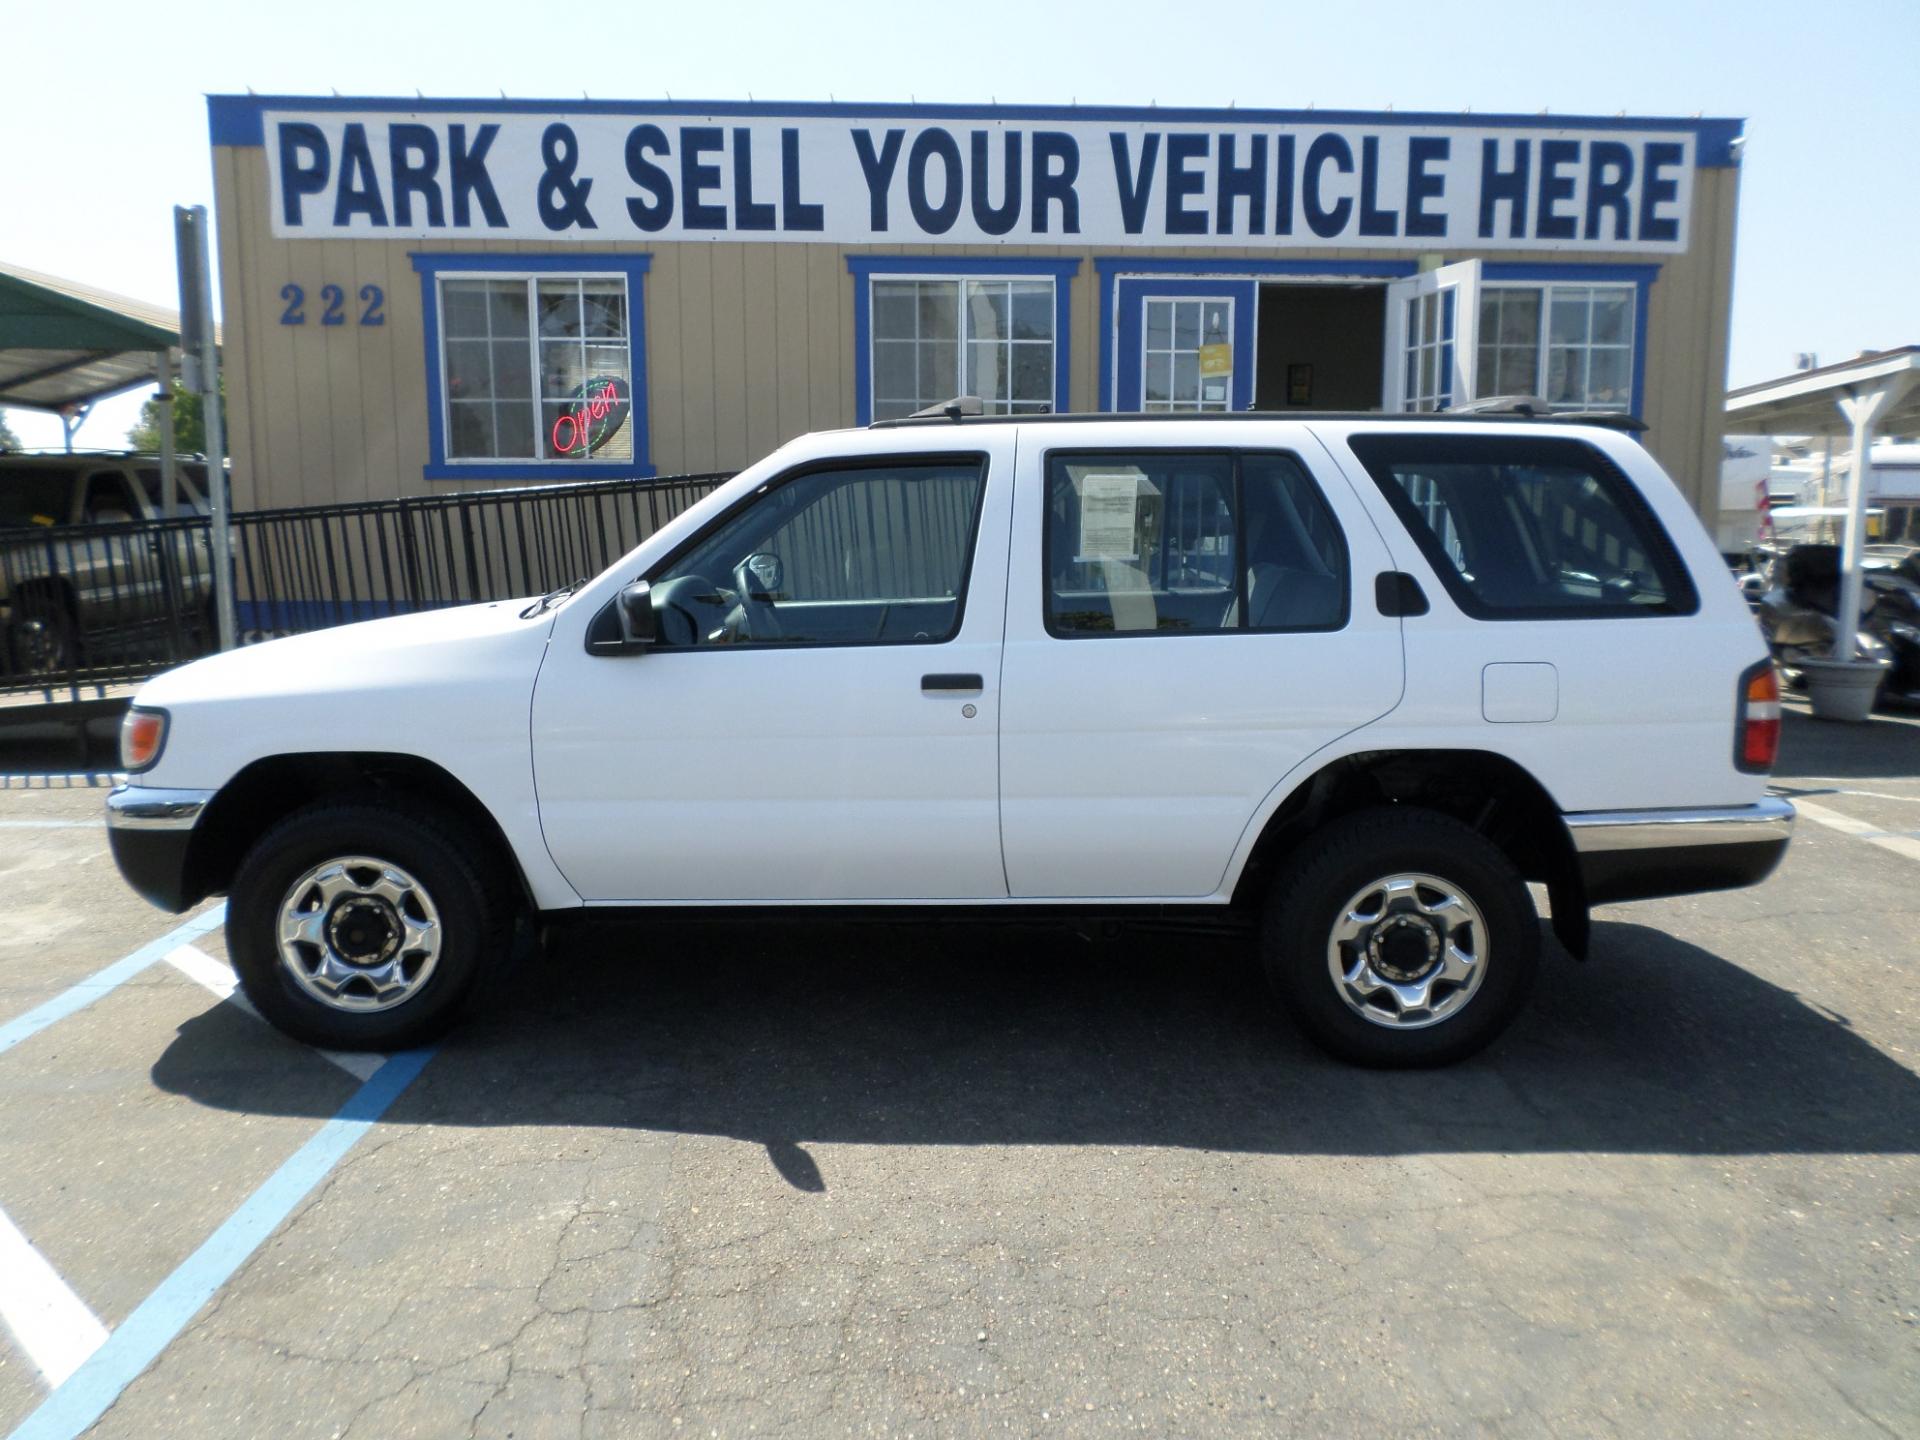 SUV for sale 1998 Nissan Pathfinder SE in Lodi Stockton CA Lodi